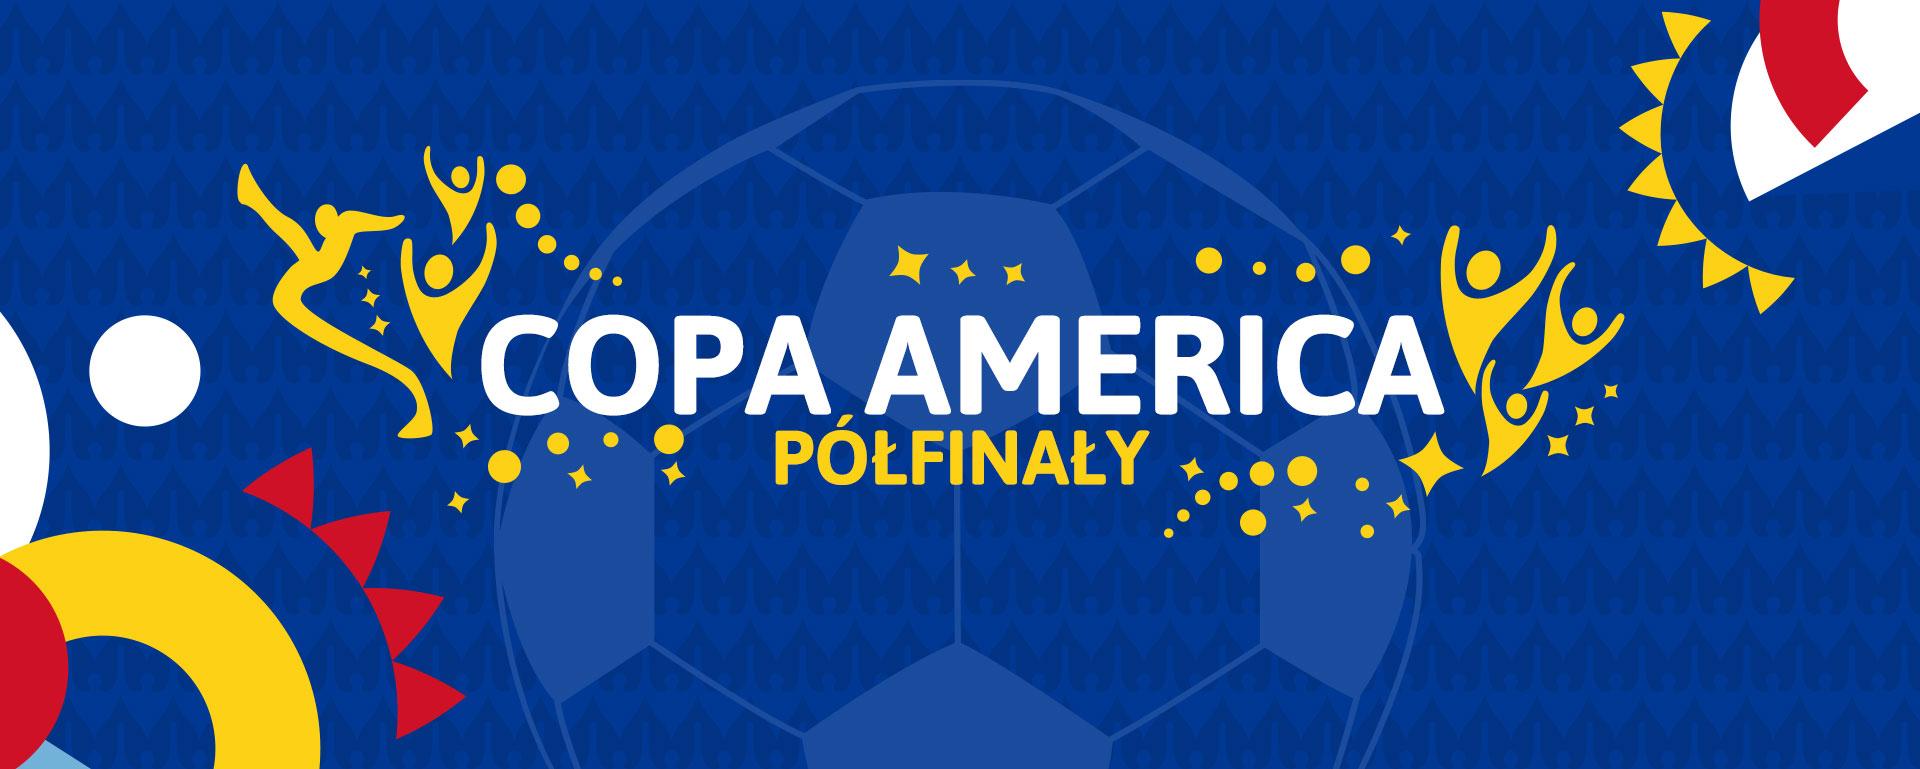 Półfinały Copa America